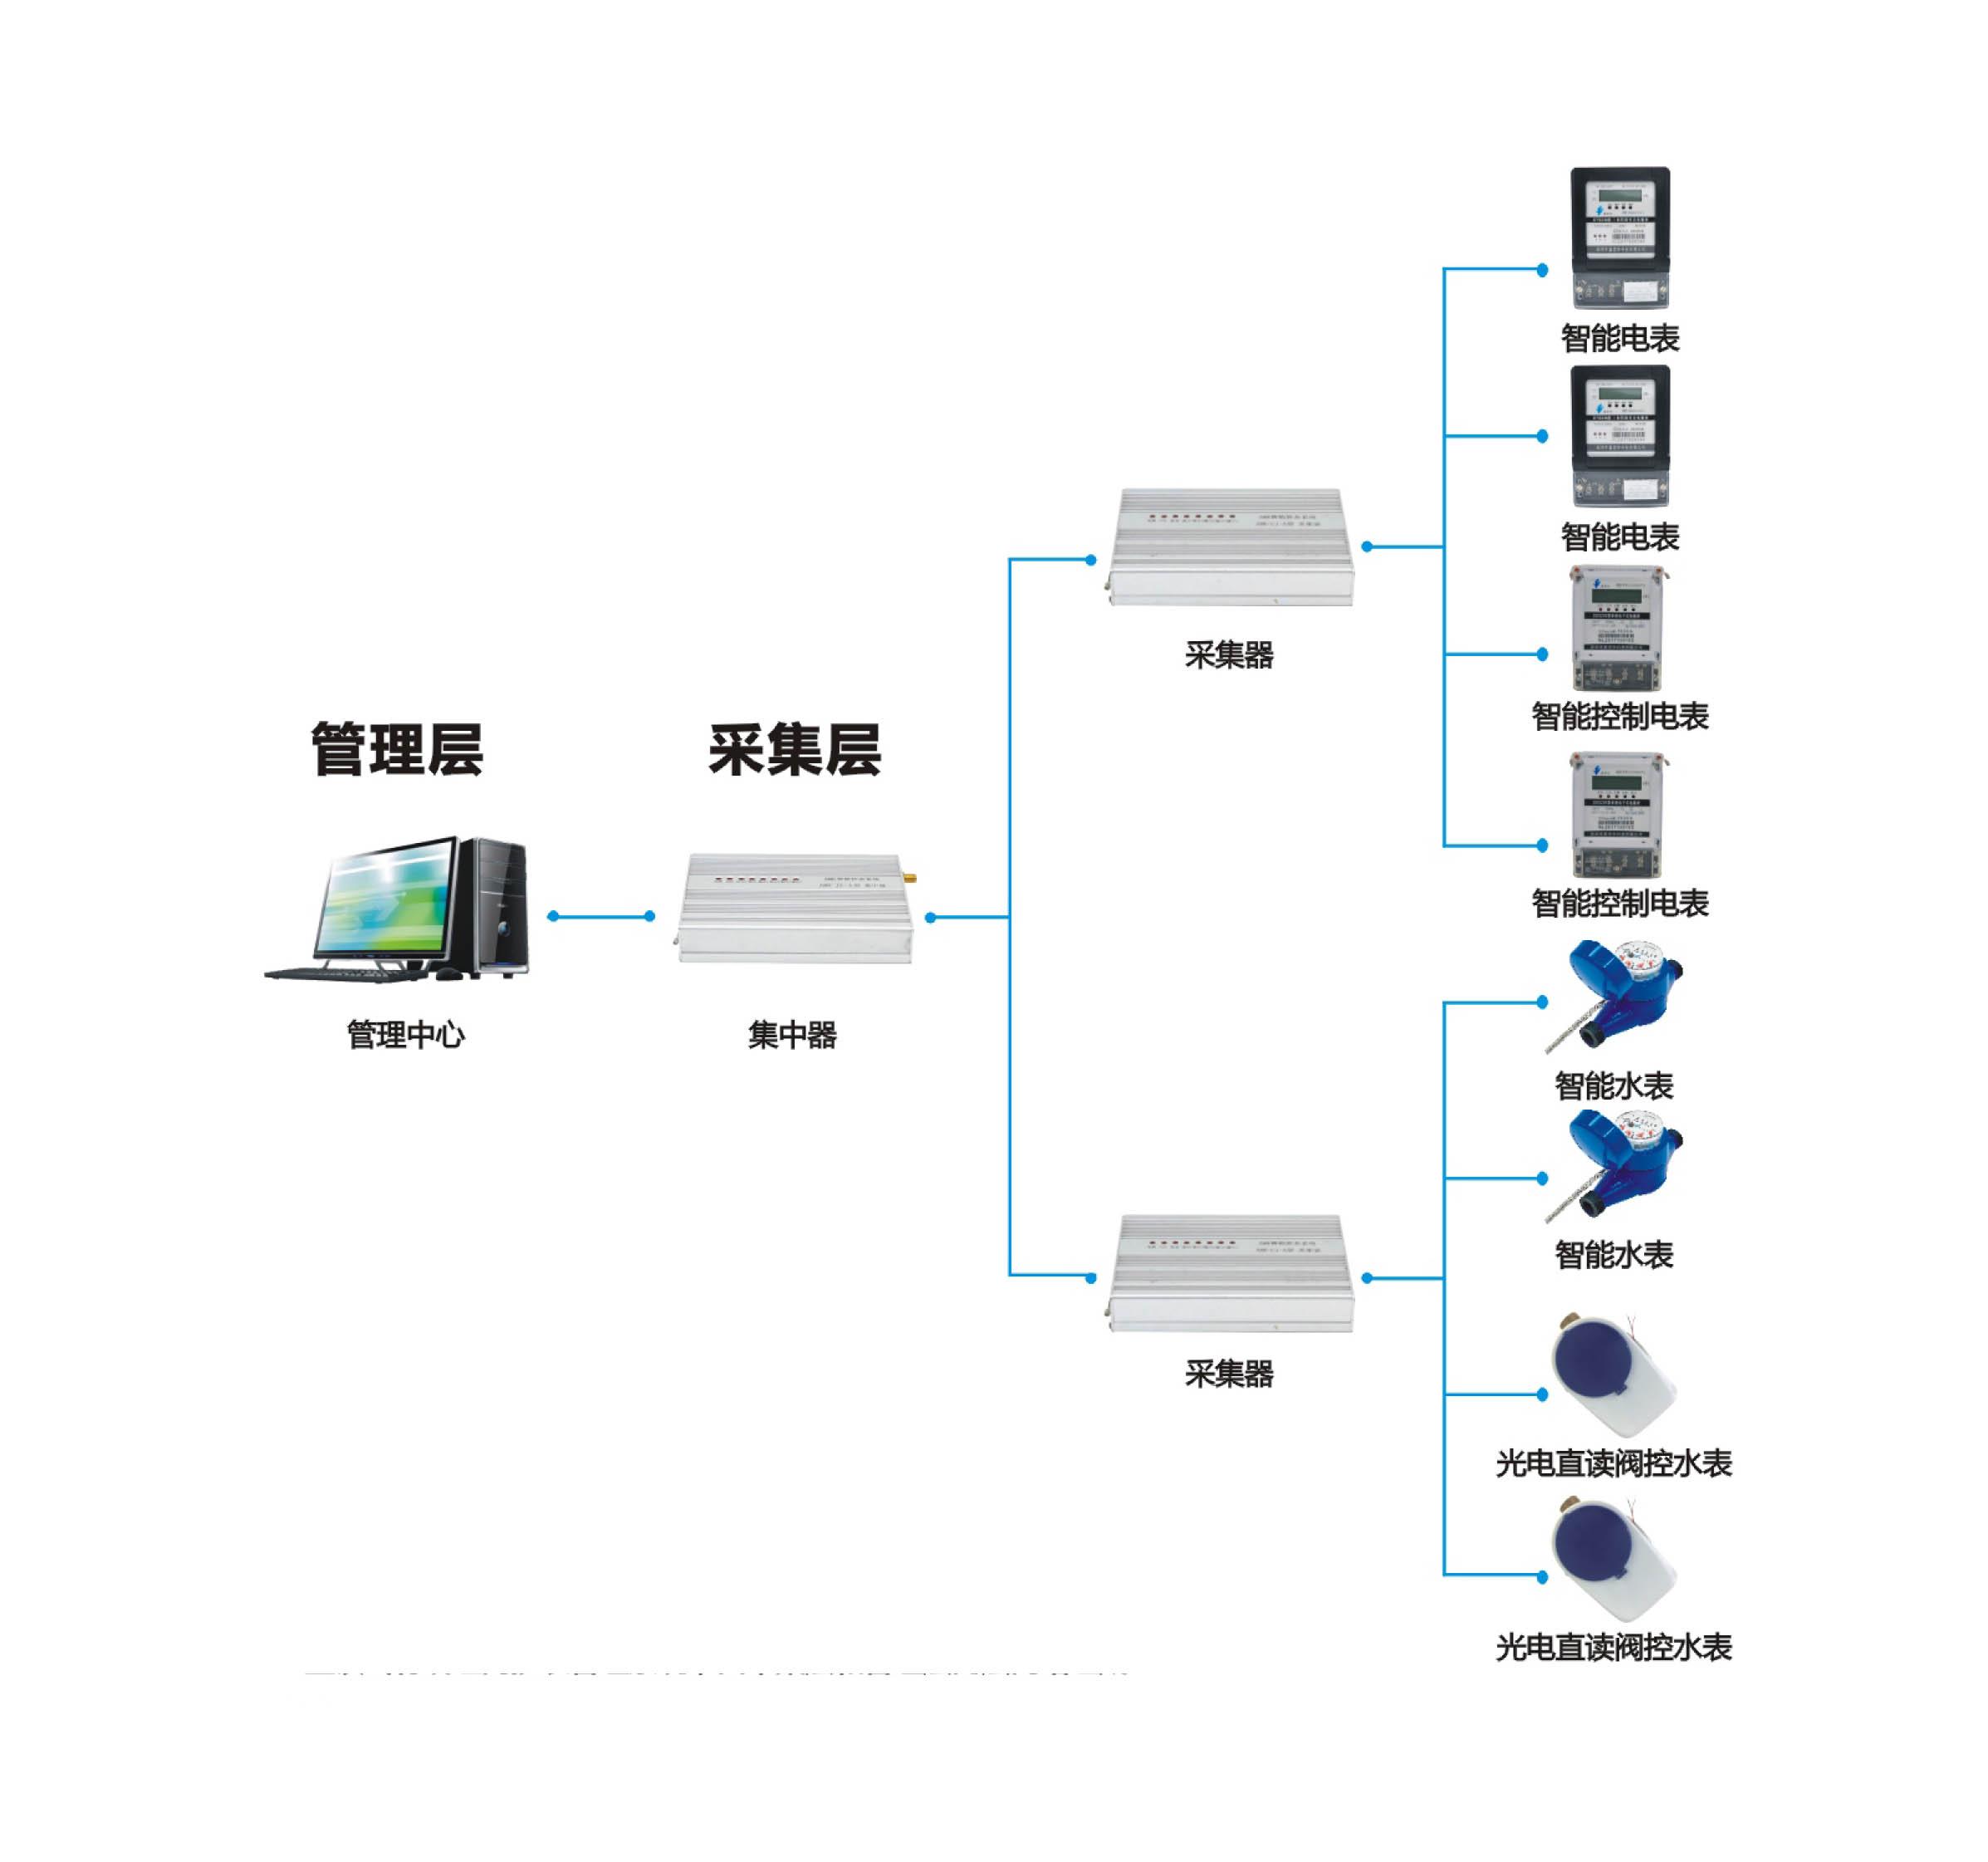 集中抄表系统(有线组网)